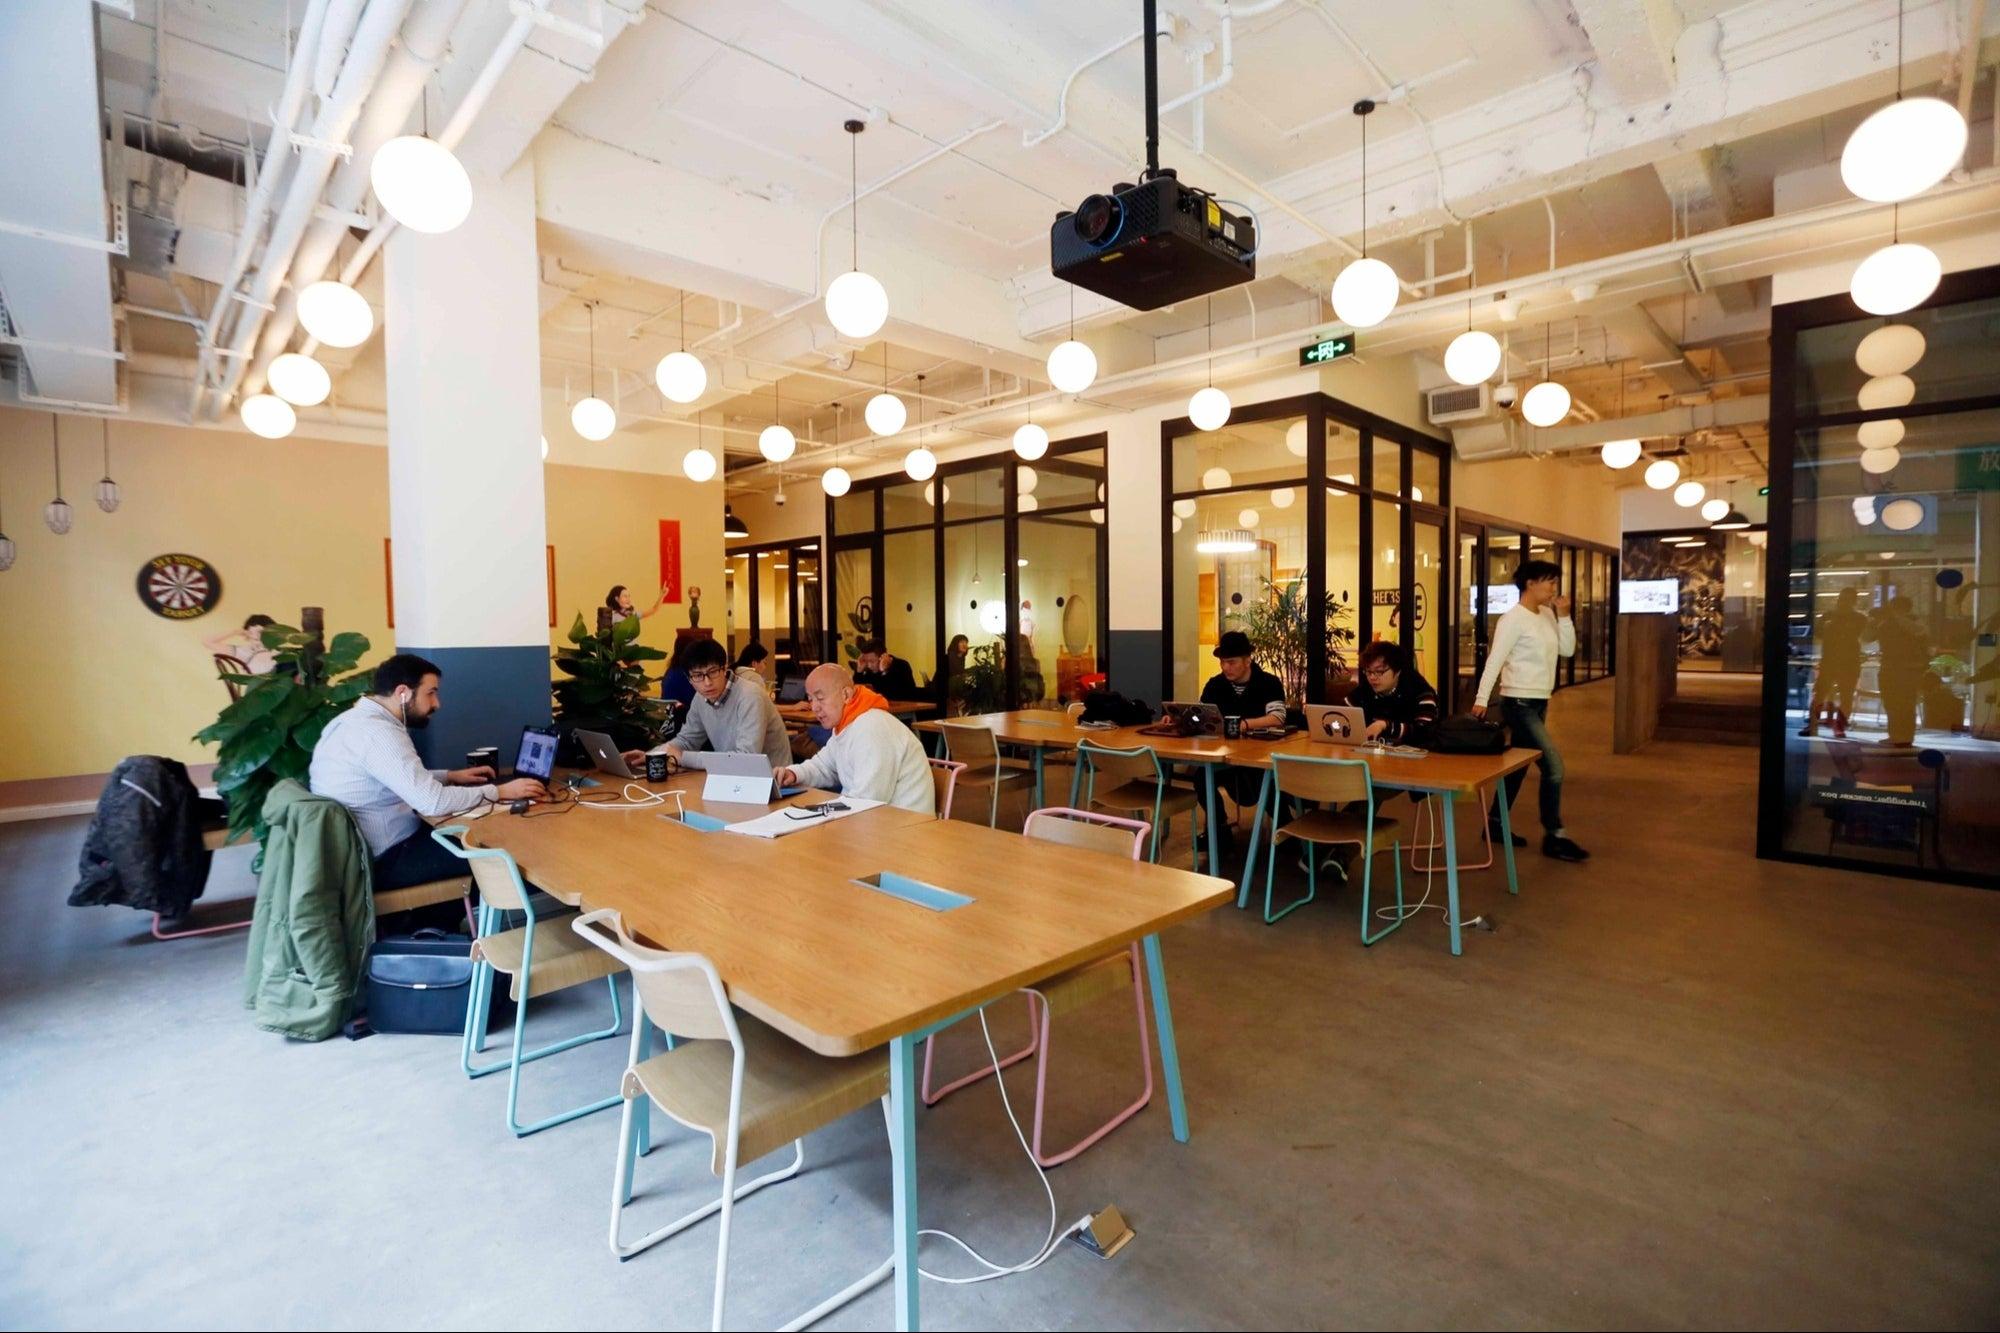 El coworking se reinventa en la era post COVID-19